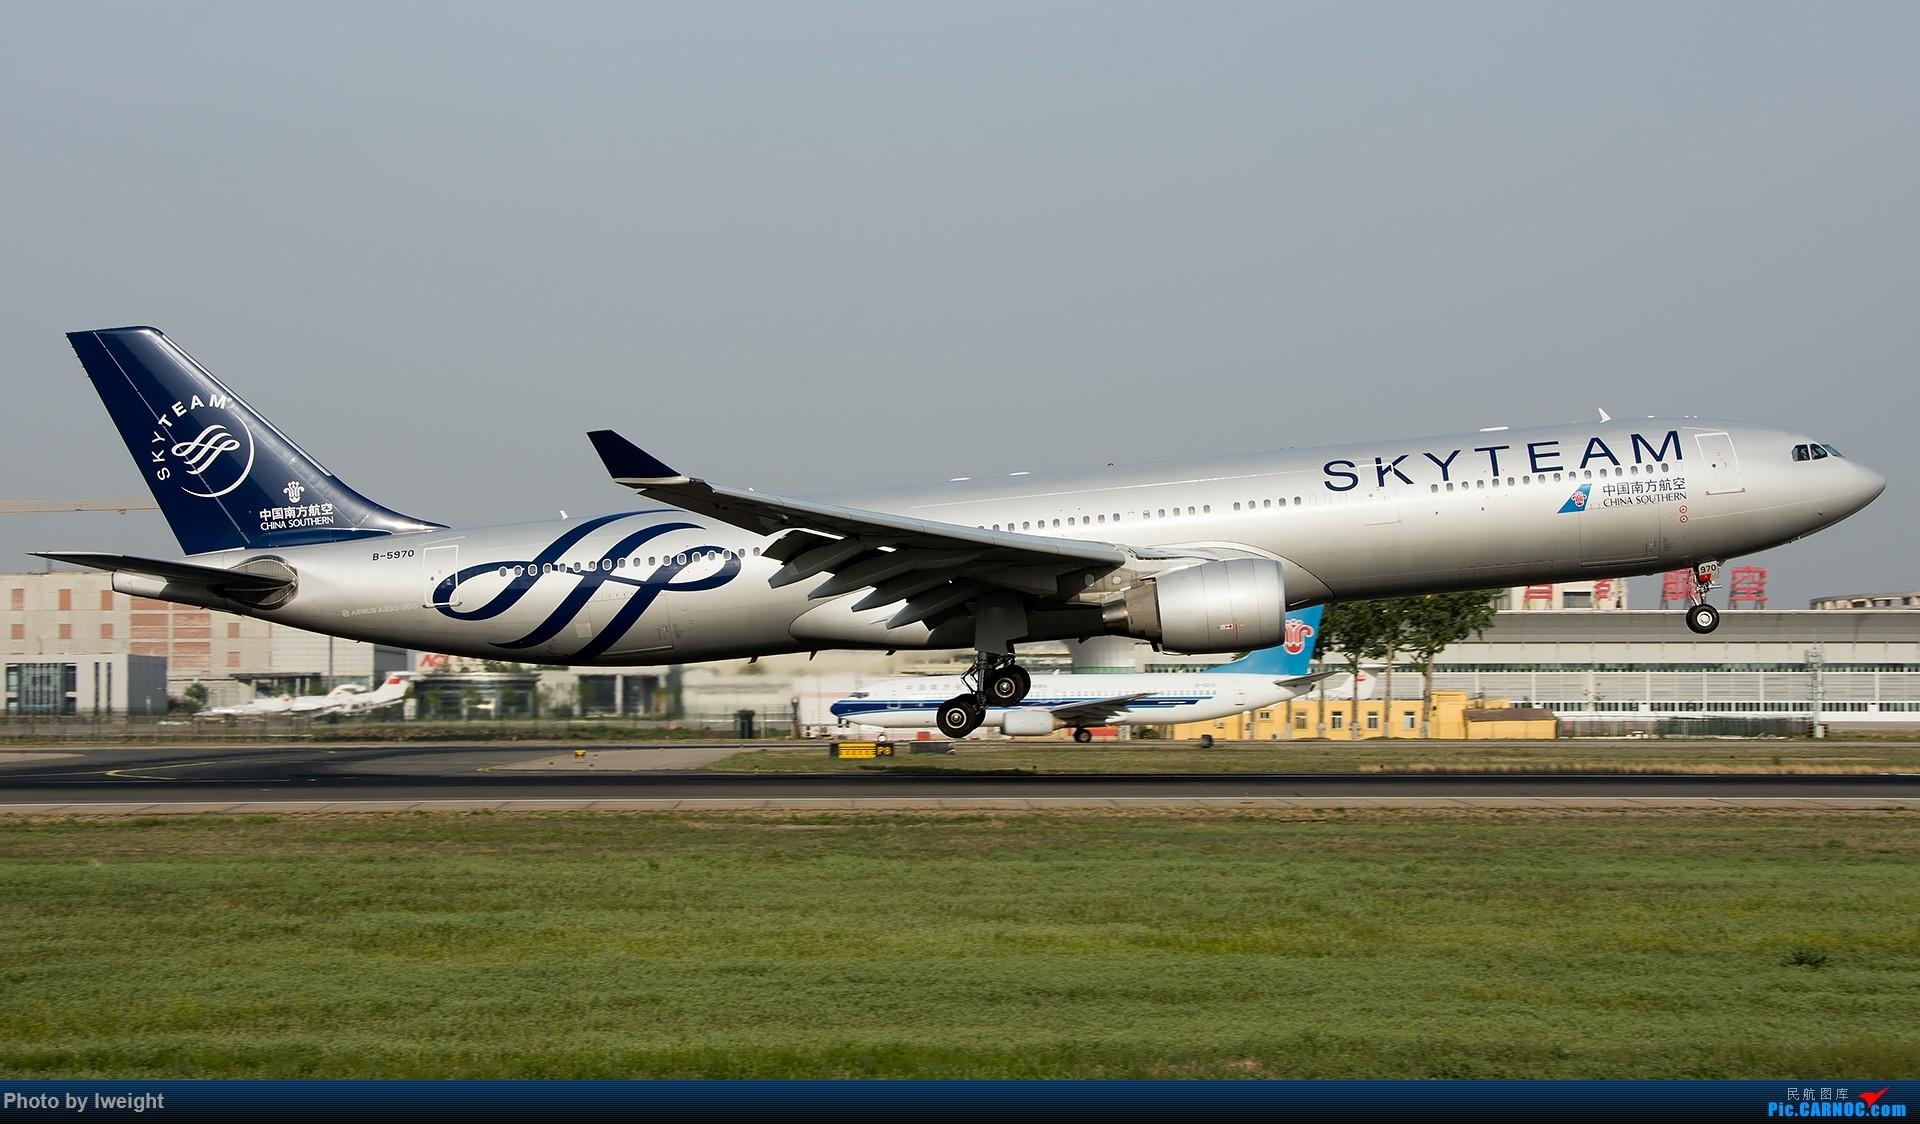 Re:[原创]天气晴朗,继续守候18R【多图】 AIRBUS A330-300 B-5970 中国北京首都国际机场